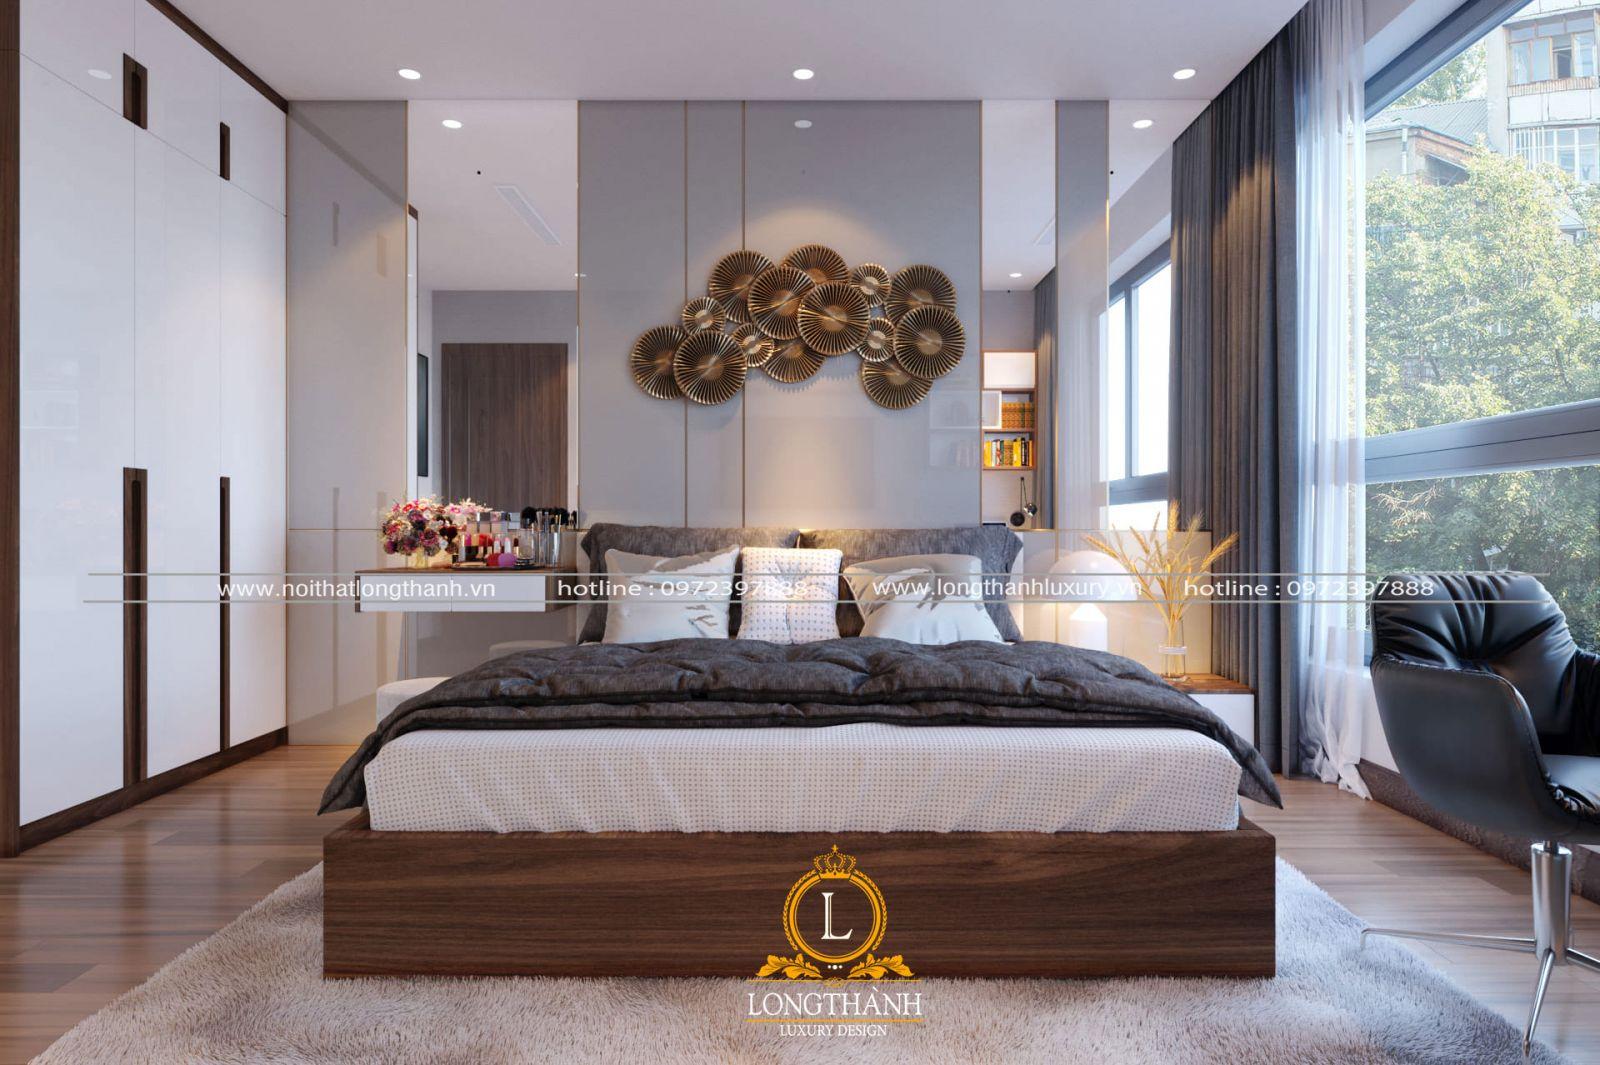 Thiết kế nội thất phòng ngủ biệt thự phố phong cách hiện đại sang chảnh